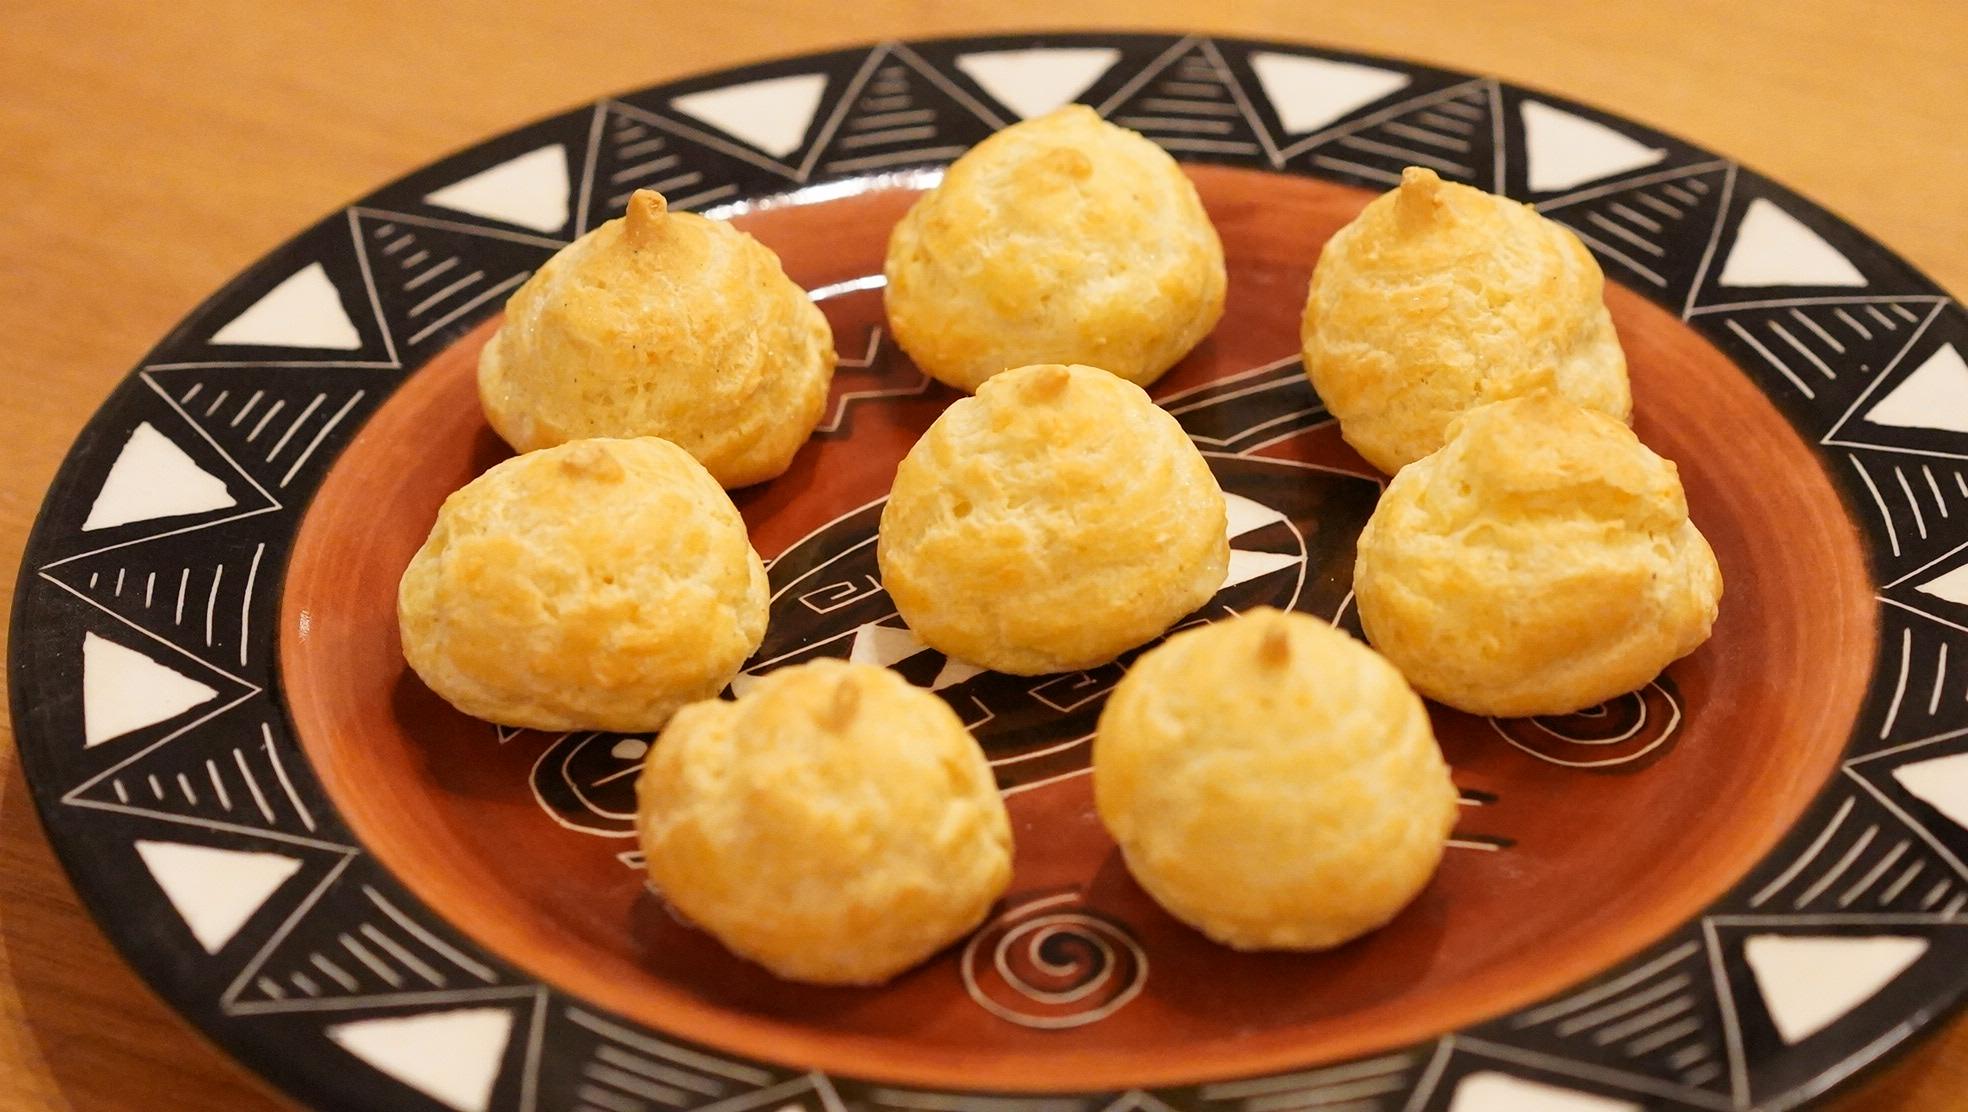 ピカールのおすすめ冷凍食品「食前のおつまみグジェール」を皿に盛り付けた写真